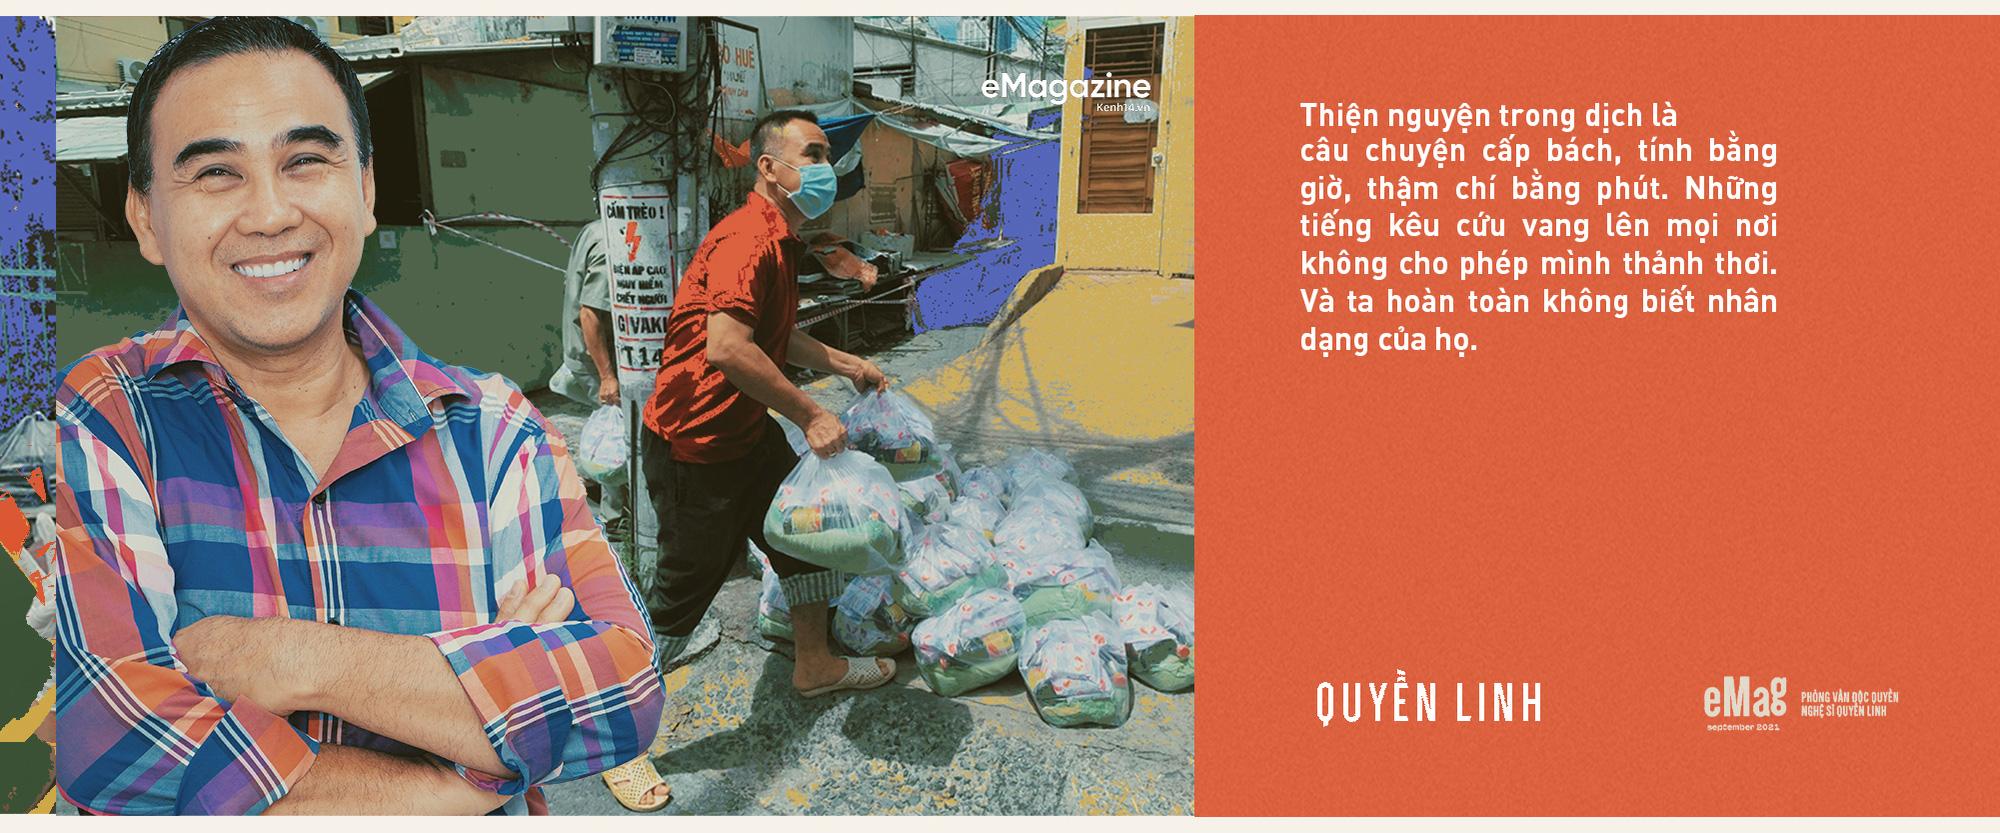 Quyền Linh: Sài Gòn đã cho tôi quá nhiều, giờ khi thành phố bị ốm, sao mình đành lòng ở trong nhà mà hưởng thụ - Ảnh 3.